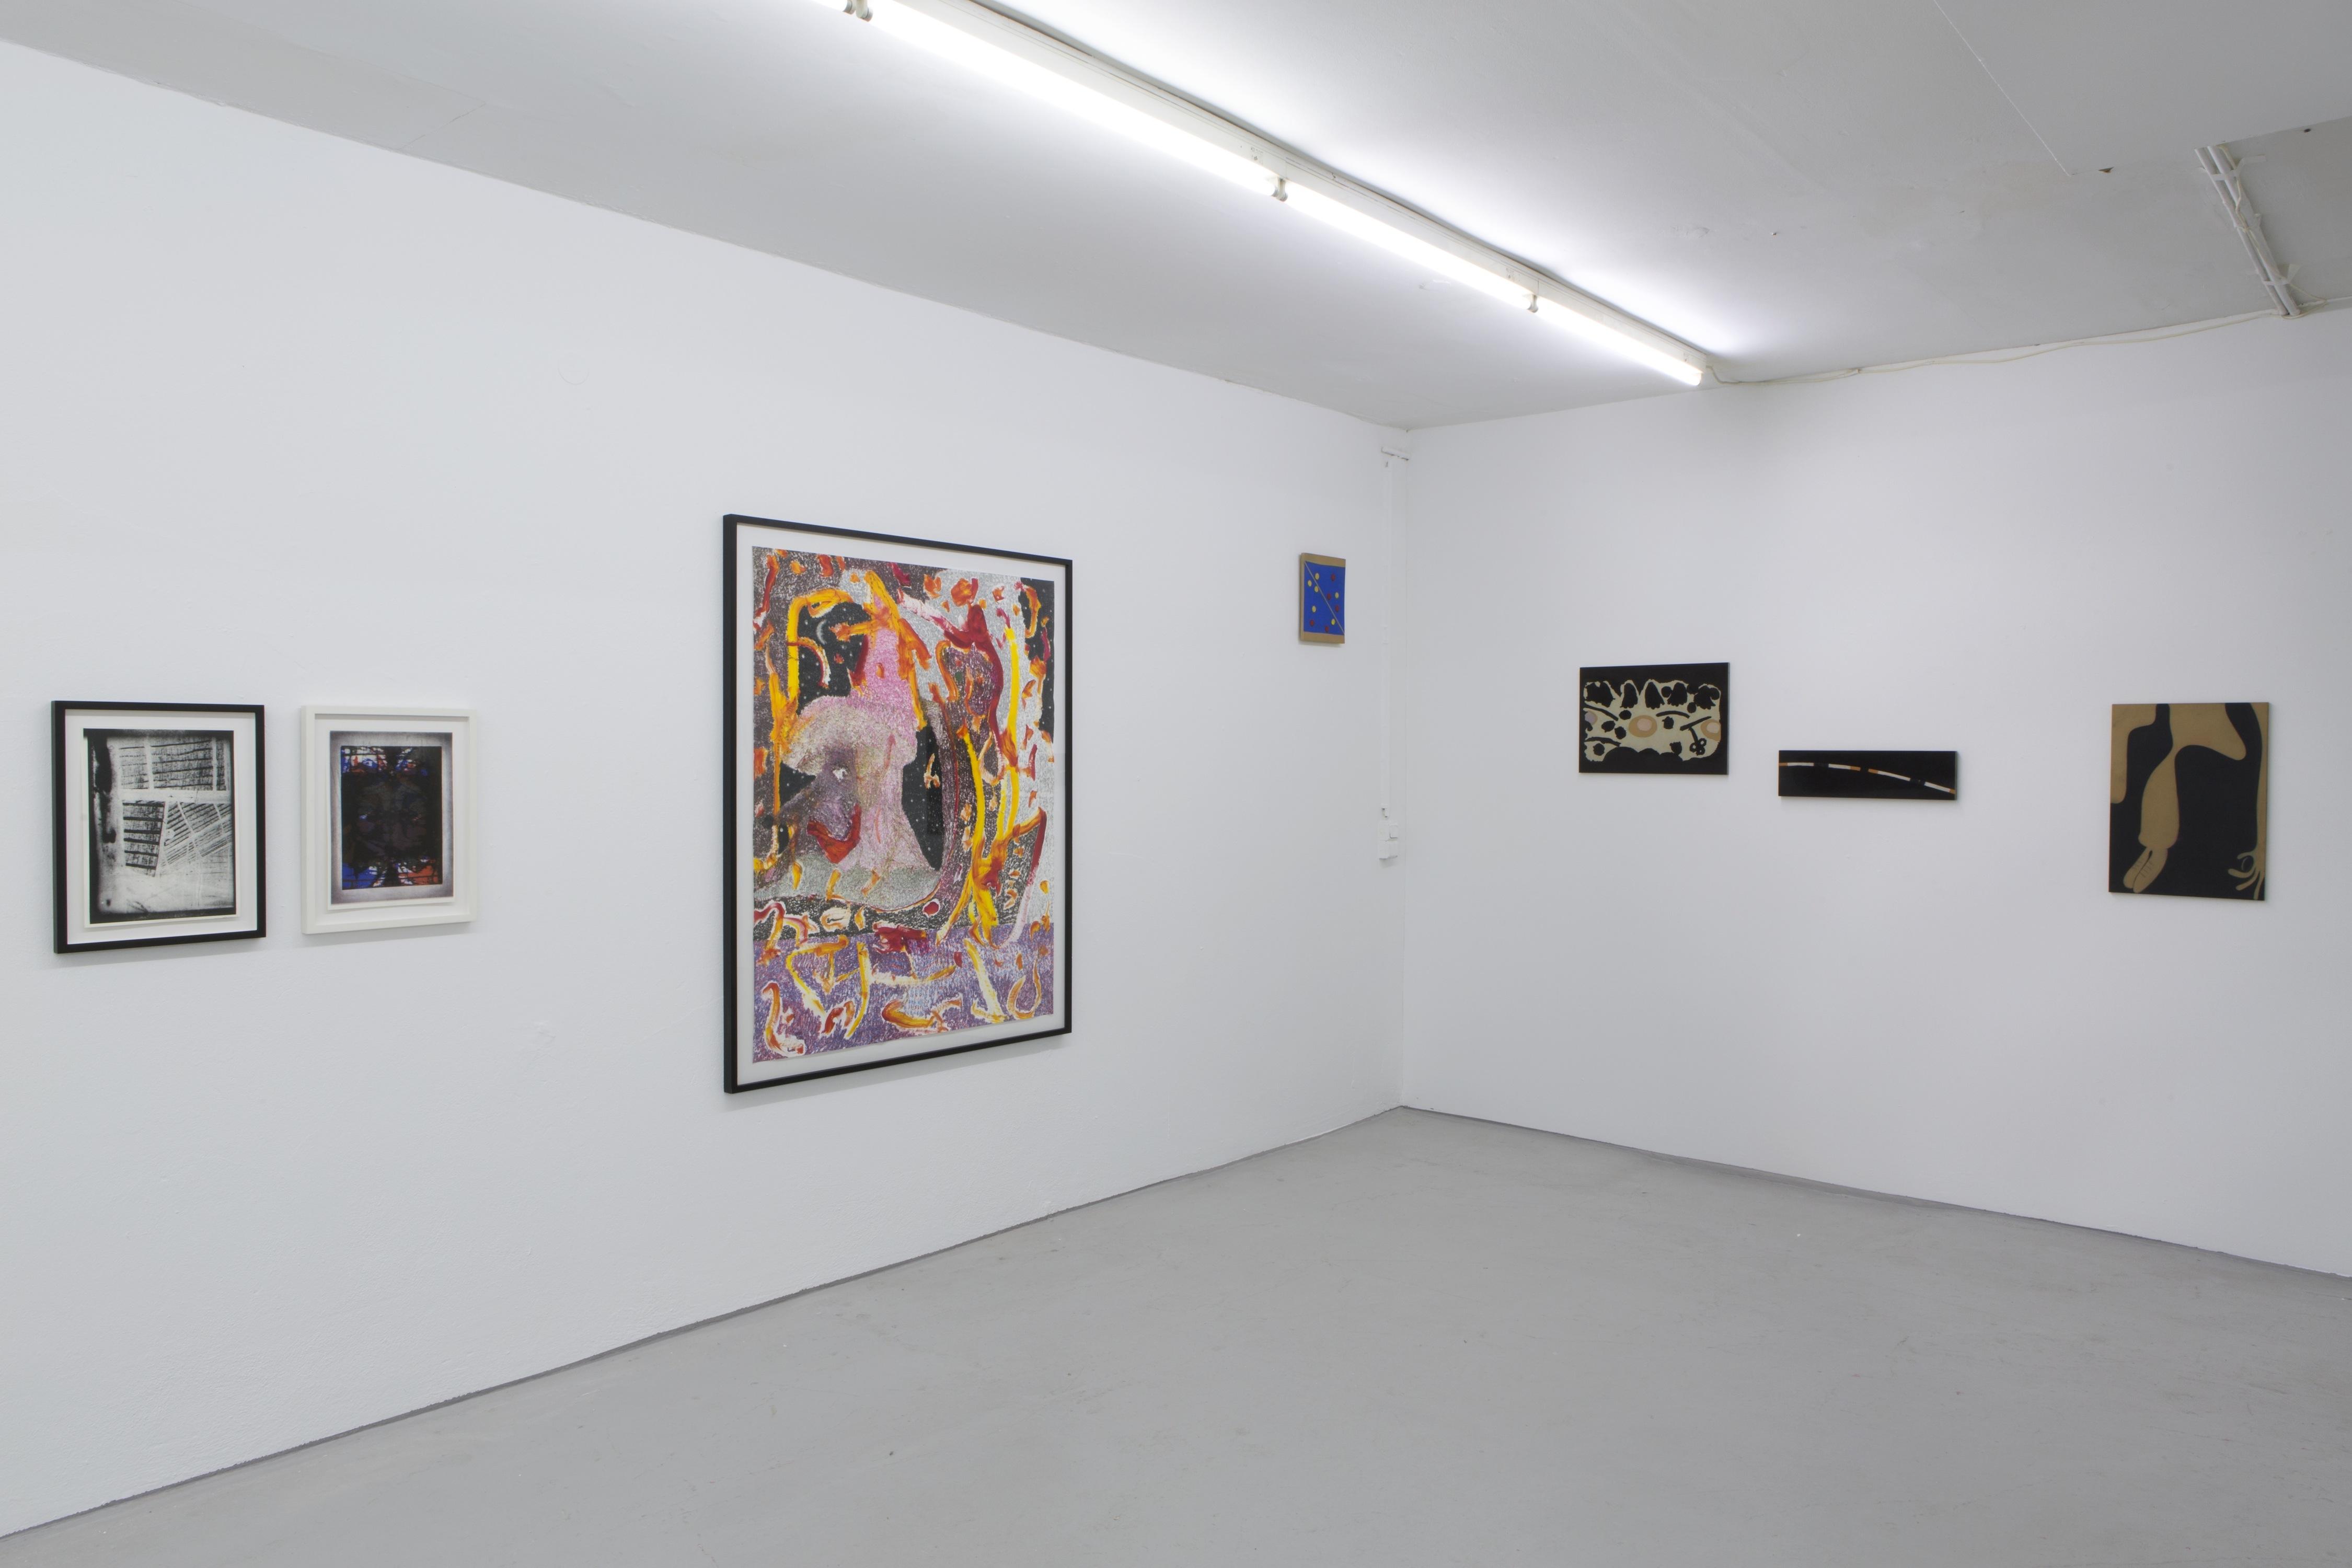 Your Figure in the Carpet: Fritsch, Kraiss, Schuster